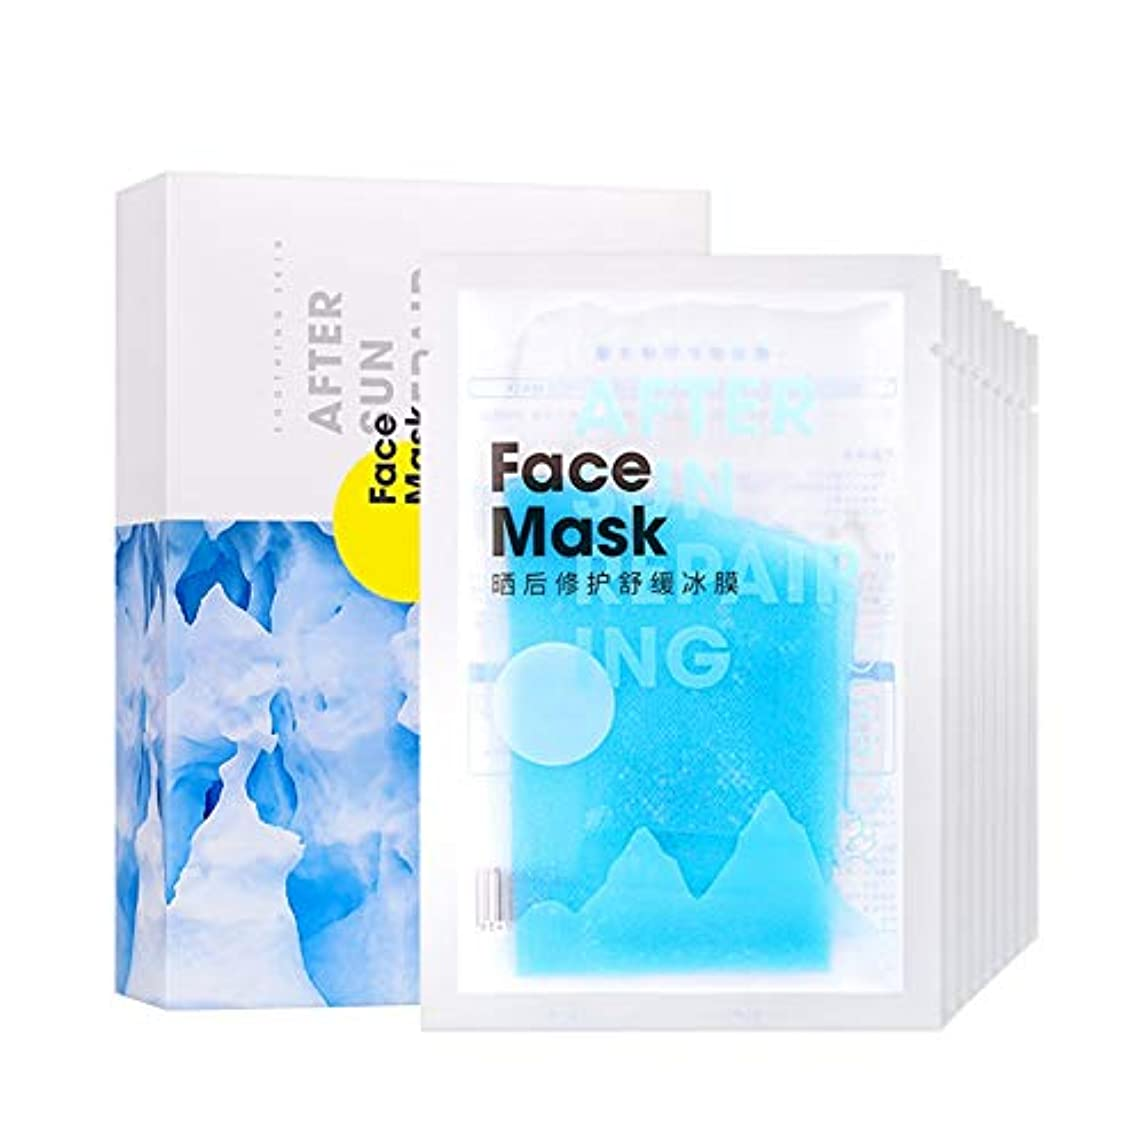 ソーシャルと遊ぶと遊ぶフェイスマスク マスク 極潤 極薄 浸透 モイスチャライジング 高保湿 オールインワン 潤い 小しわを滑らかに 日焼け後リペアマスク10枚入り Cutelove